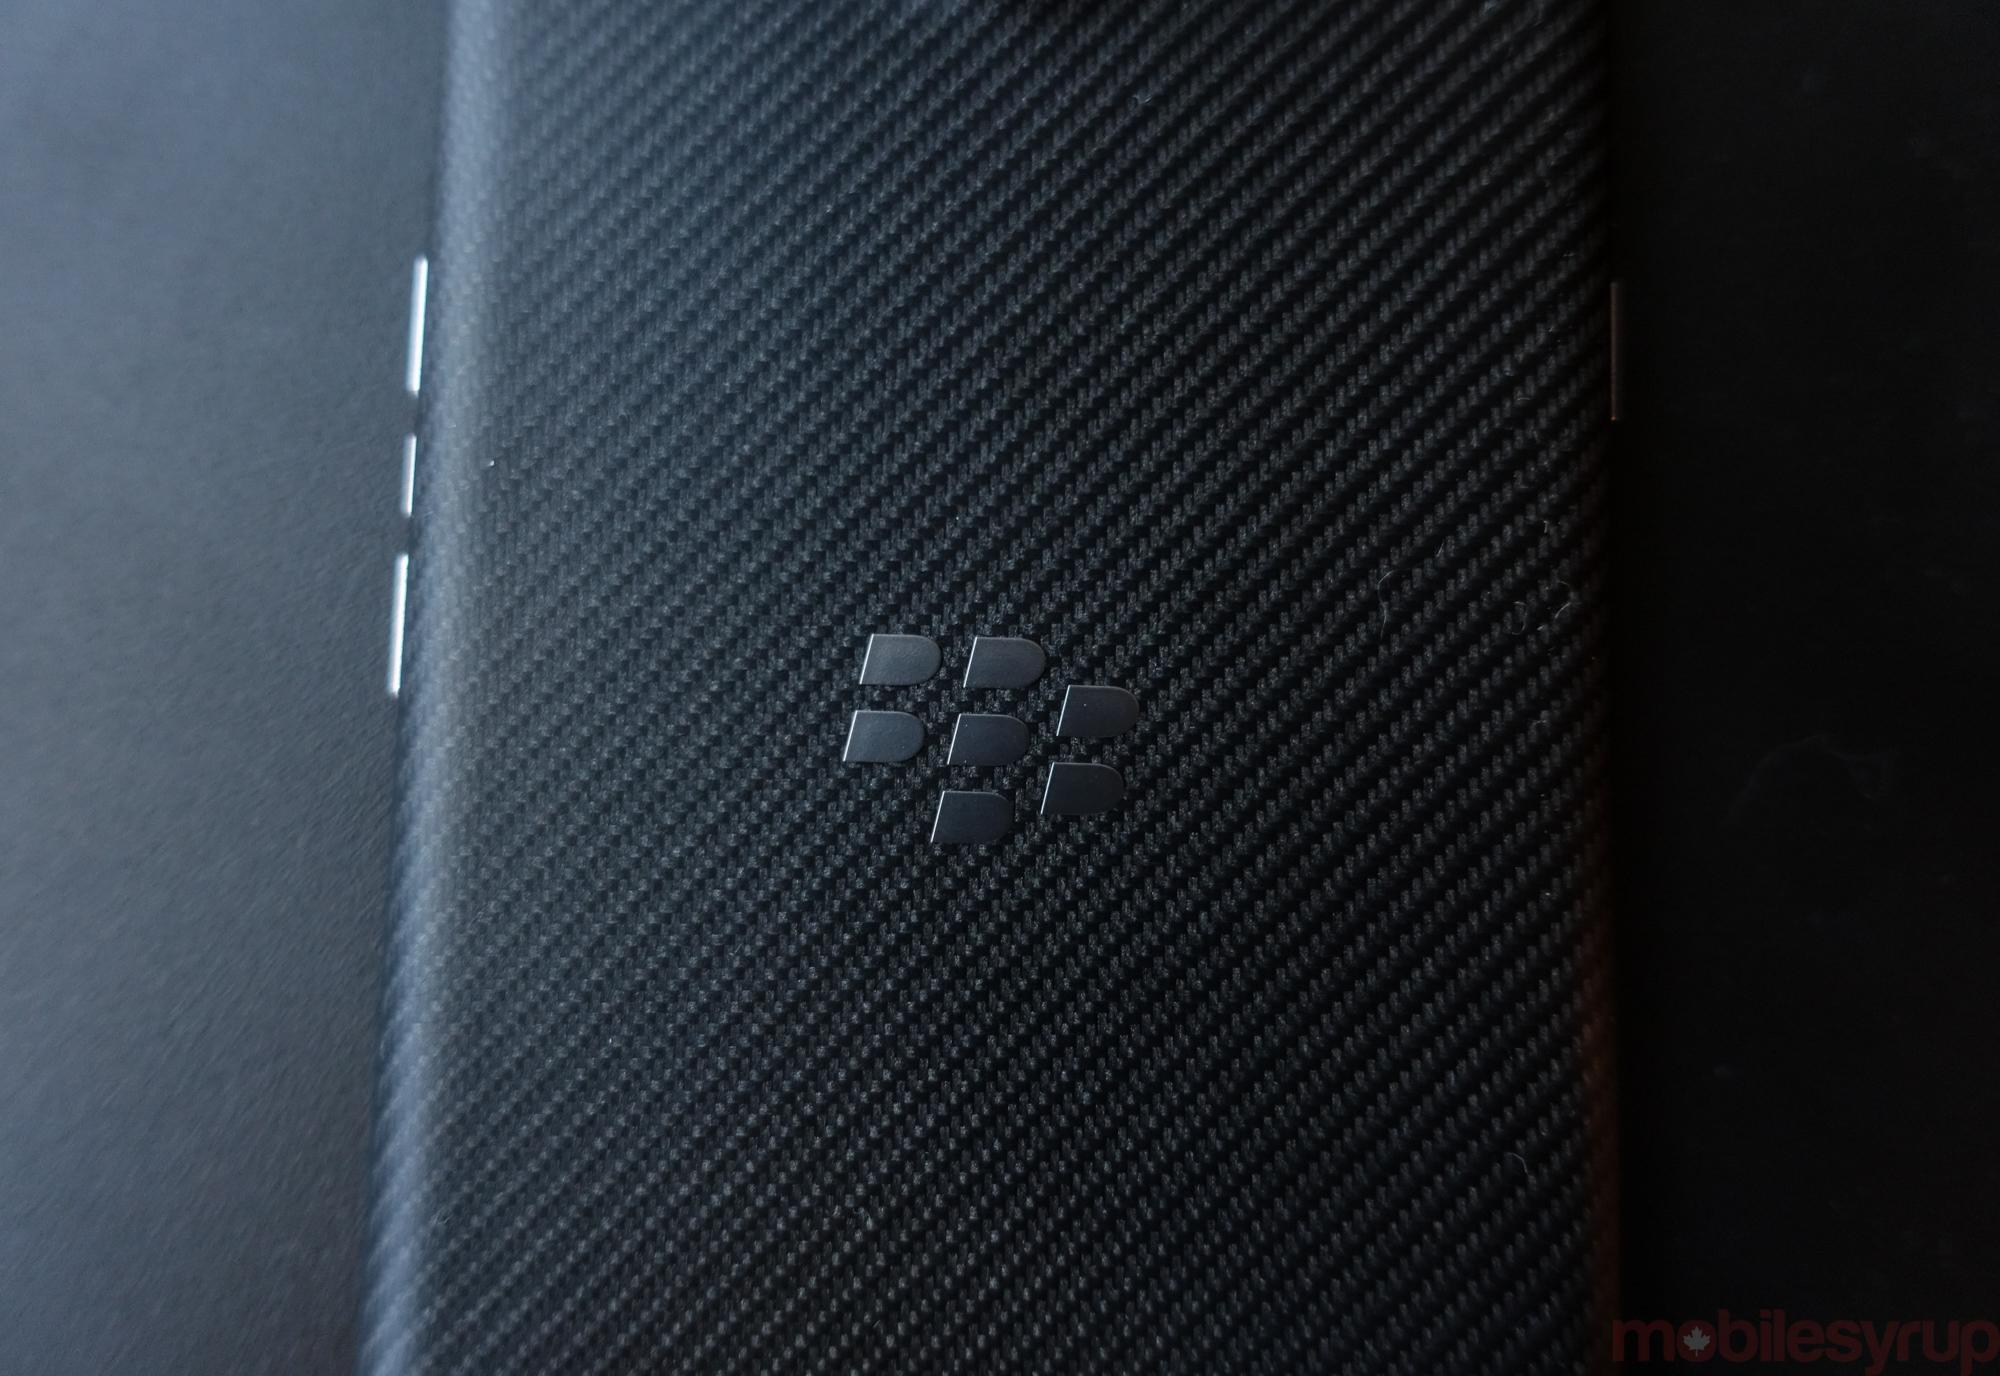 blackberryprivreview-01701